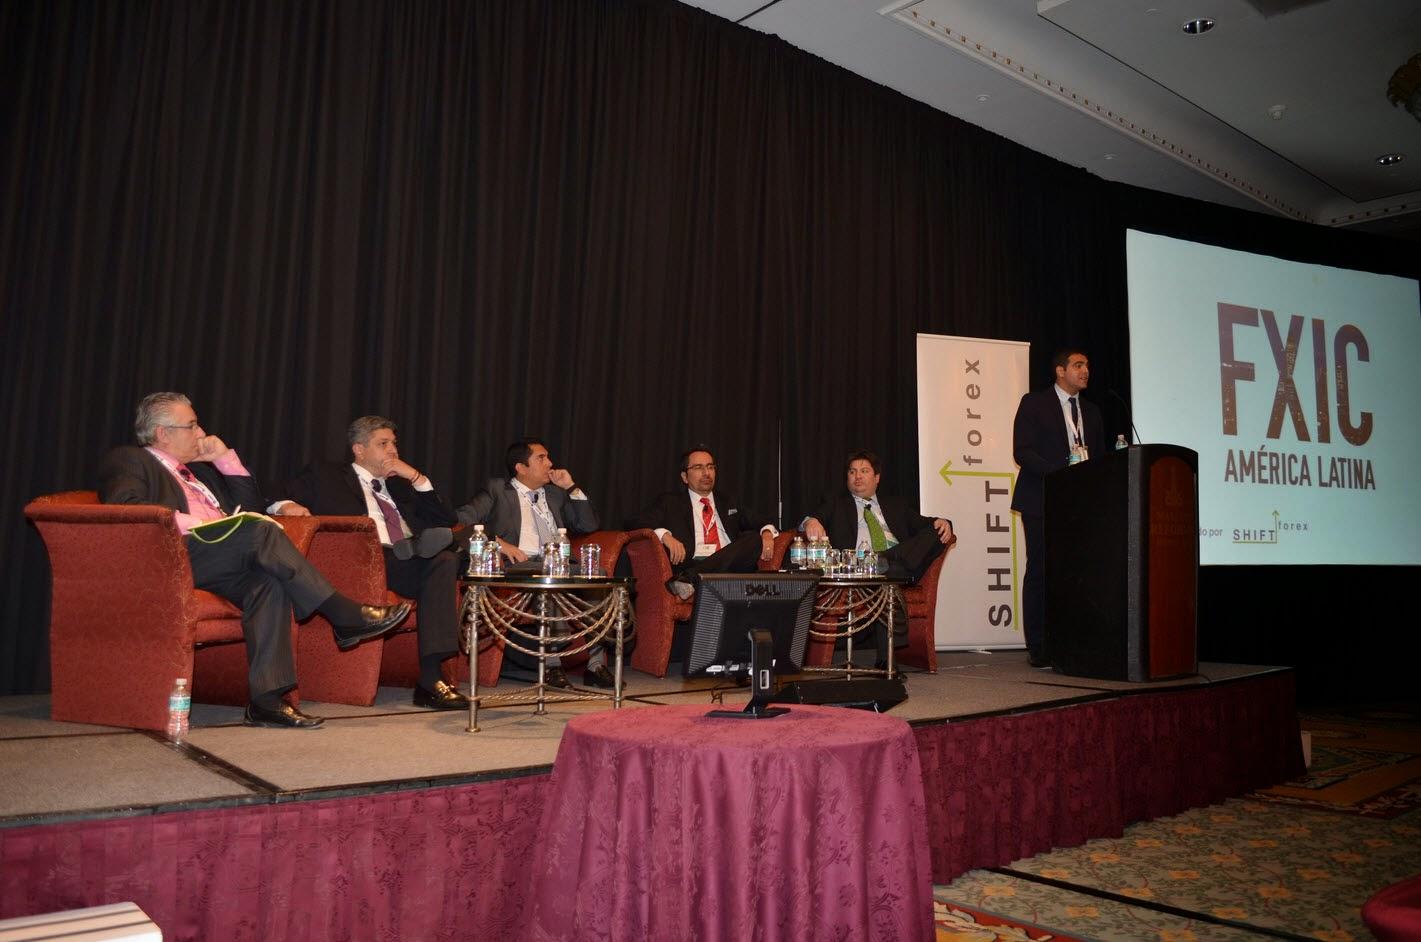 Nuestra participación en FXIC AméricaLatina